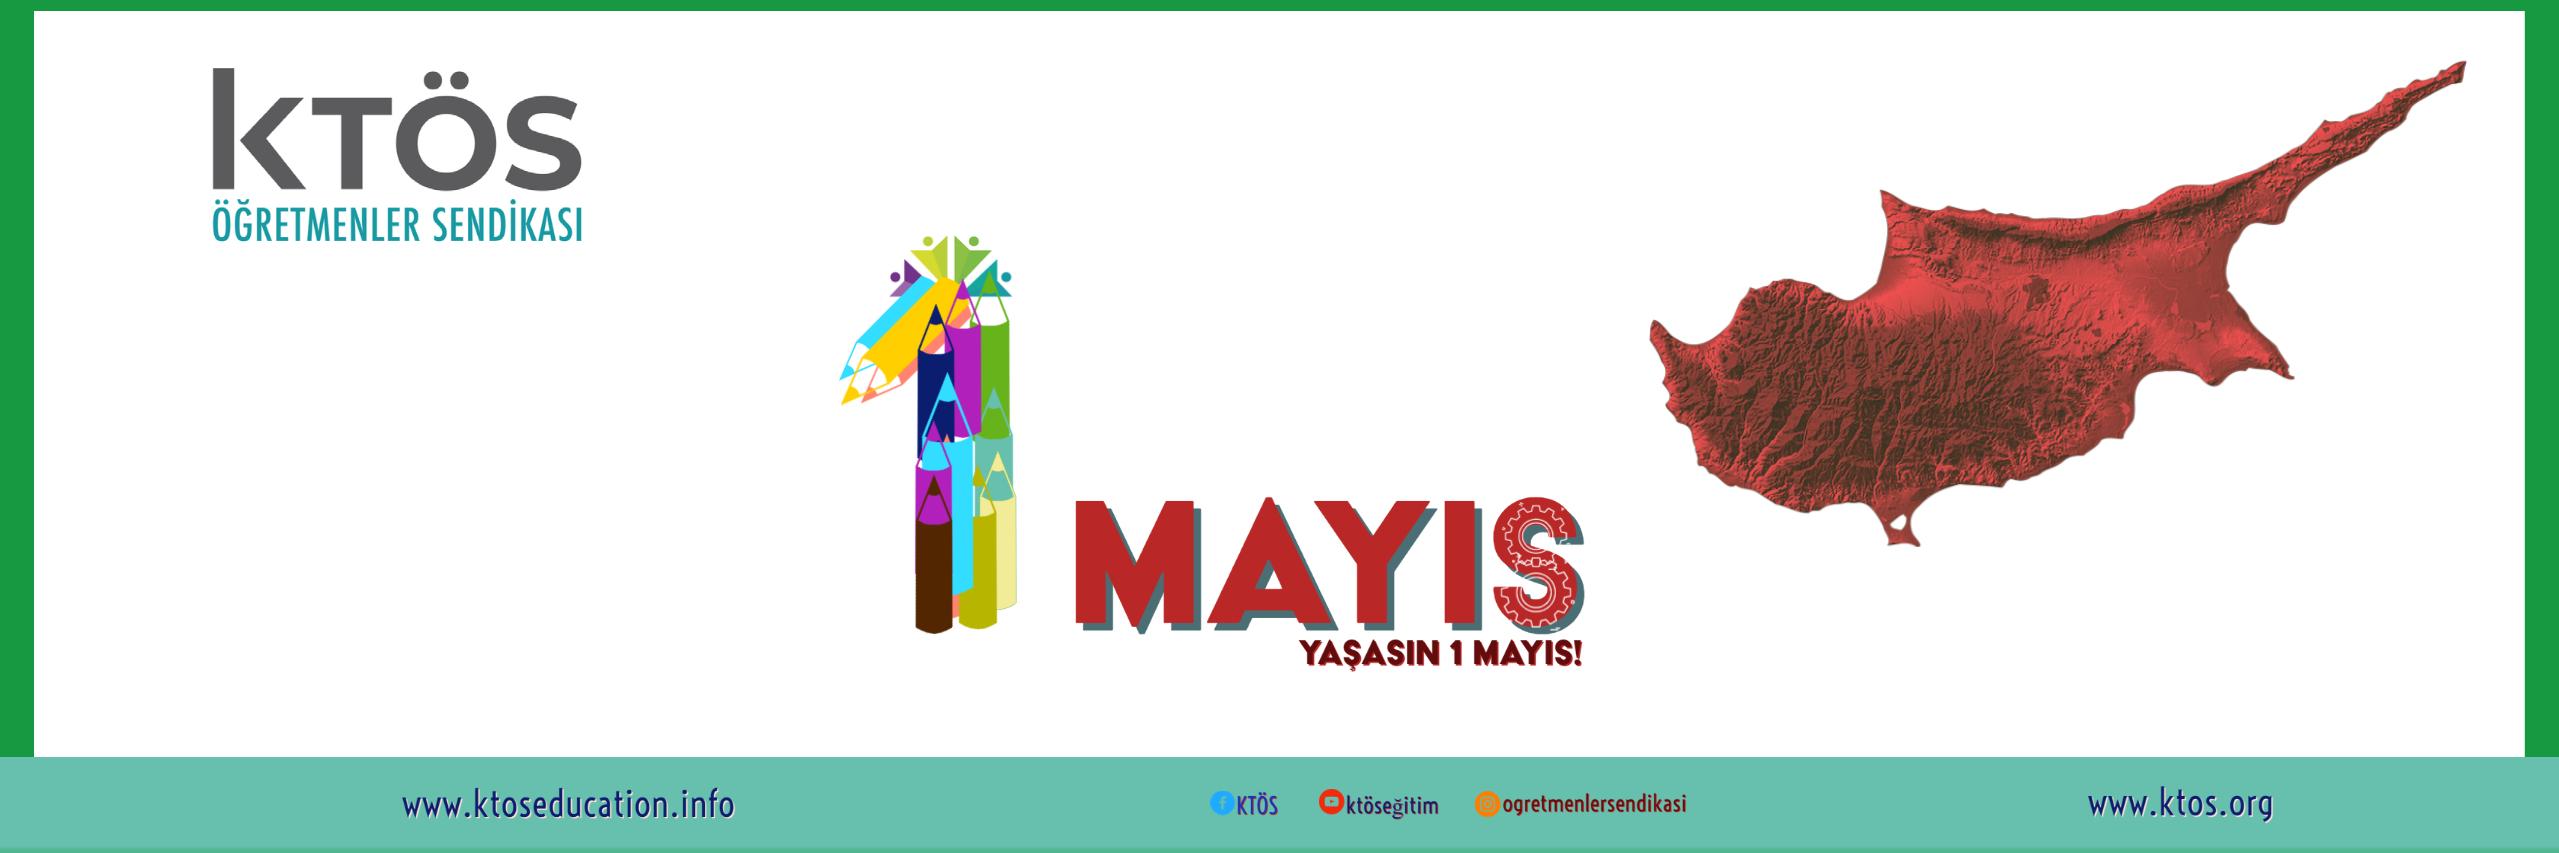 Yaşasın 1 Mayıs! Yaşasın çözüm ve barış!